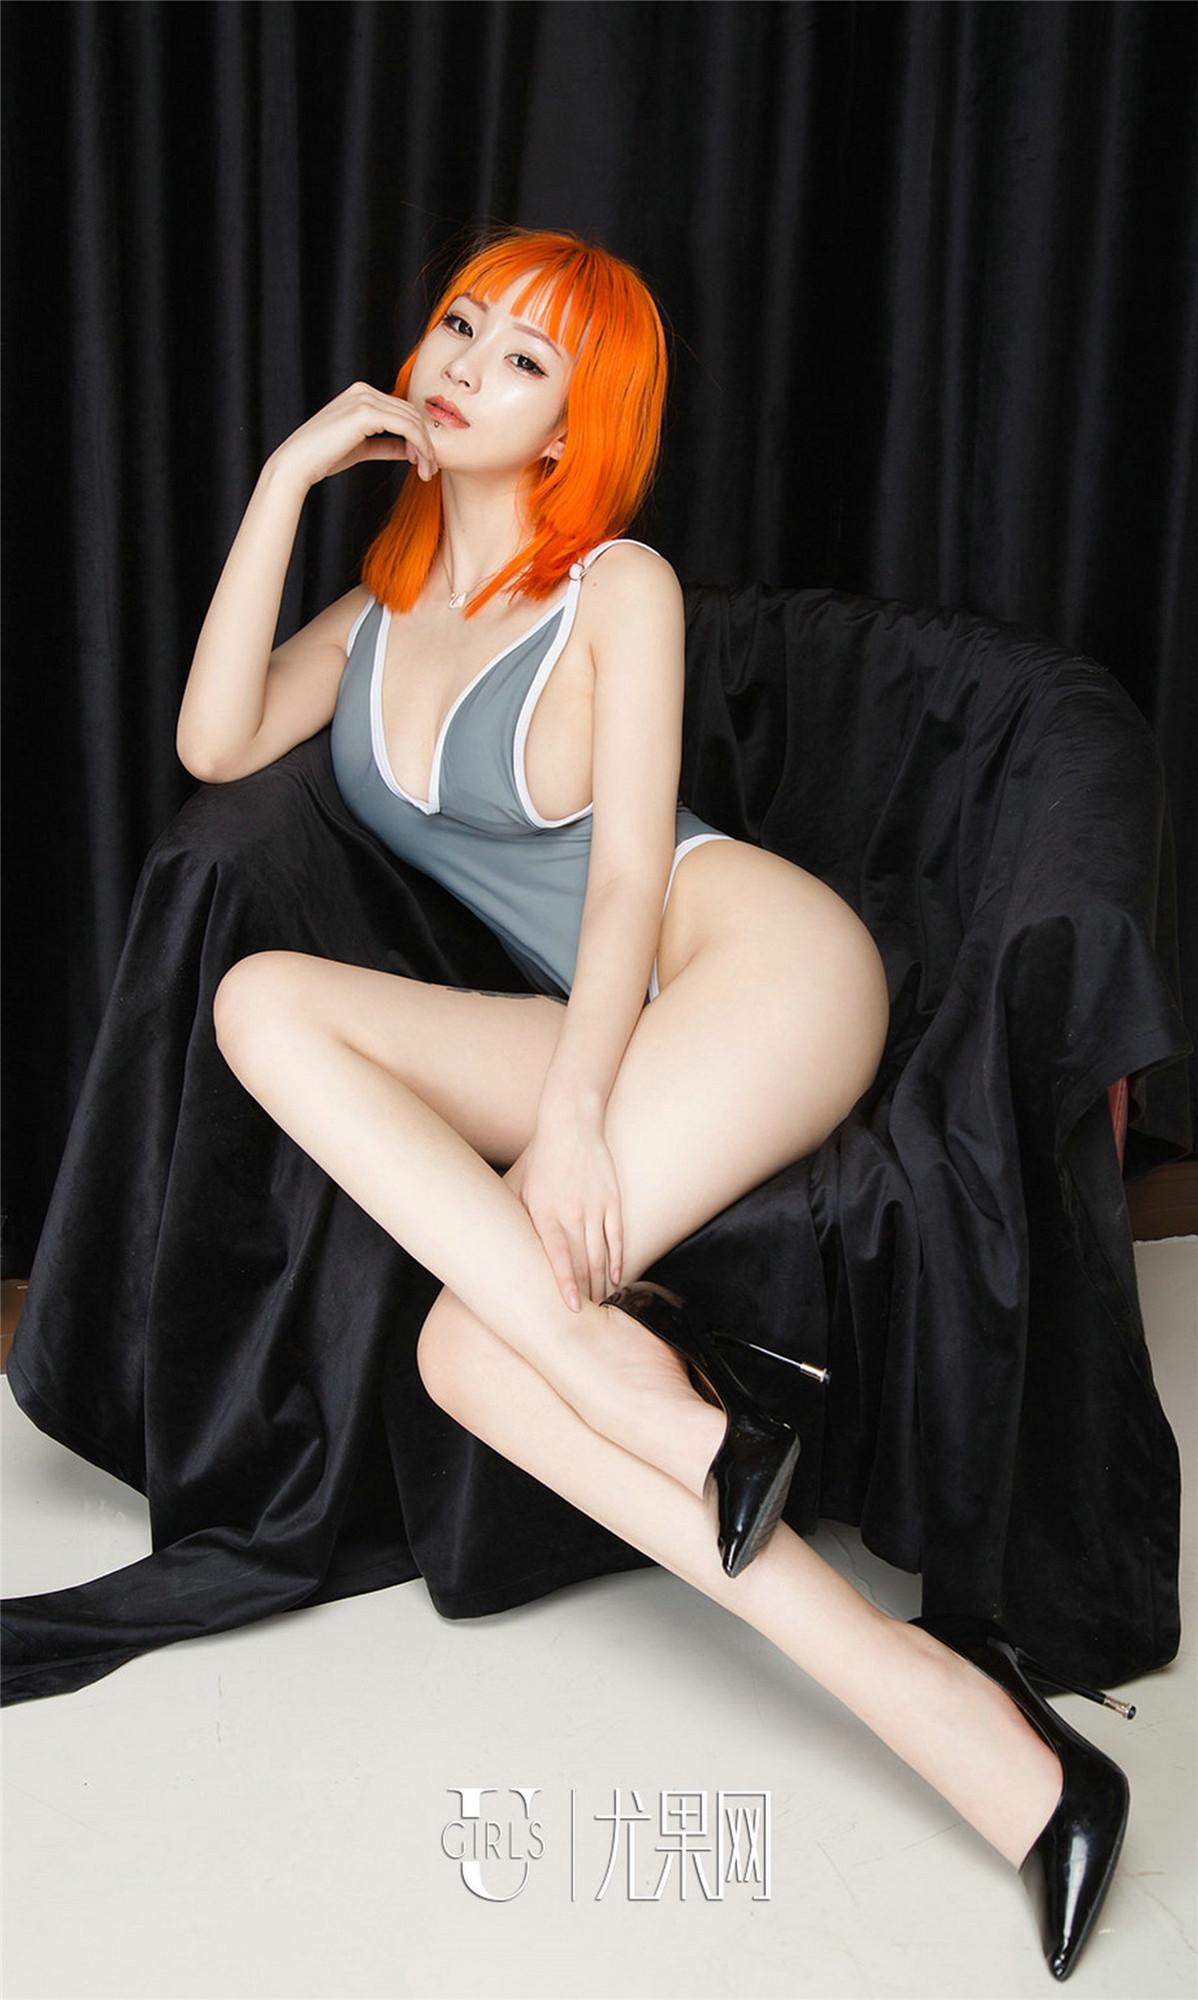 【性感美女】【张团团】火辣美女张团团修长美腿雪白露乳人体艺术图片【32P】 写真集